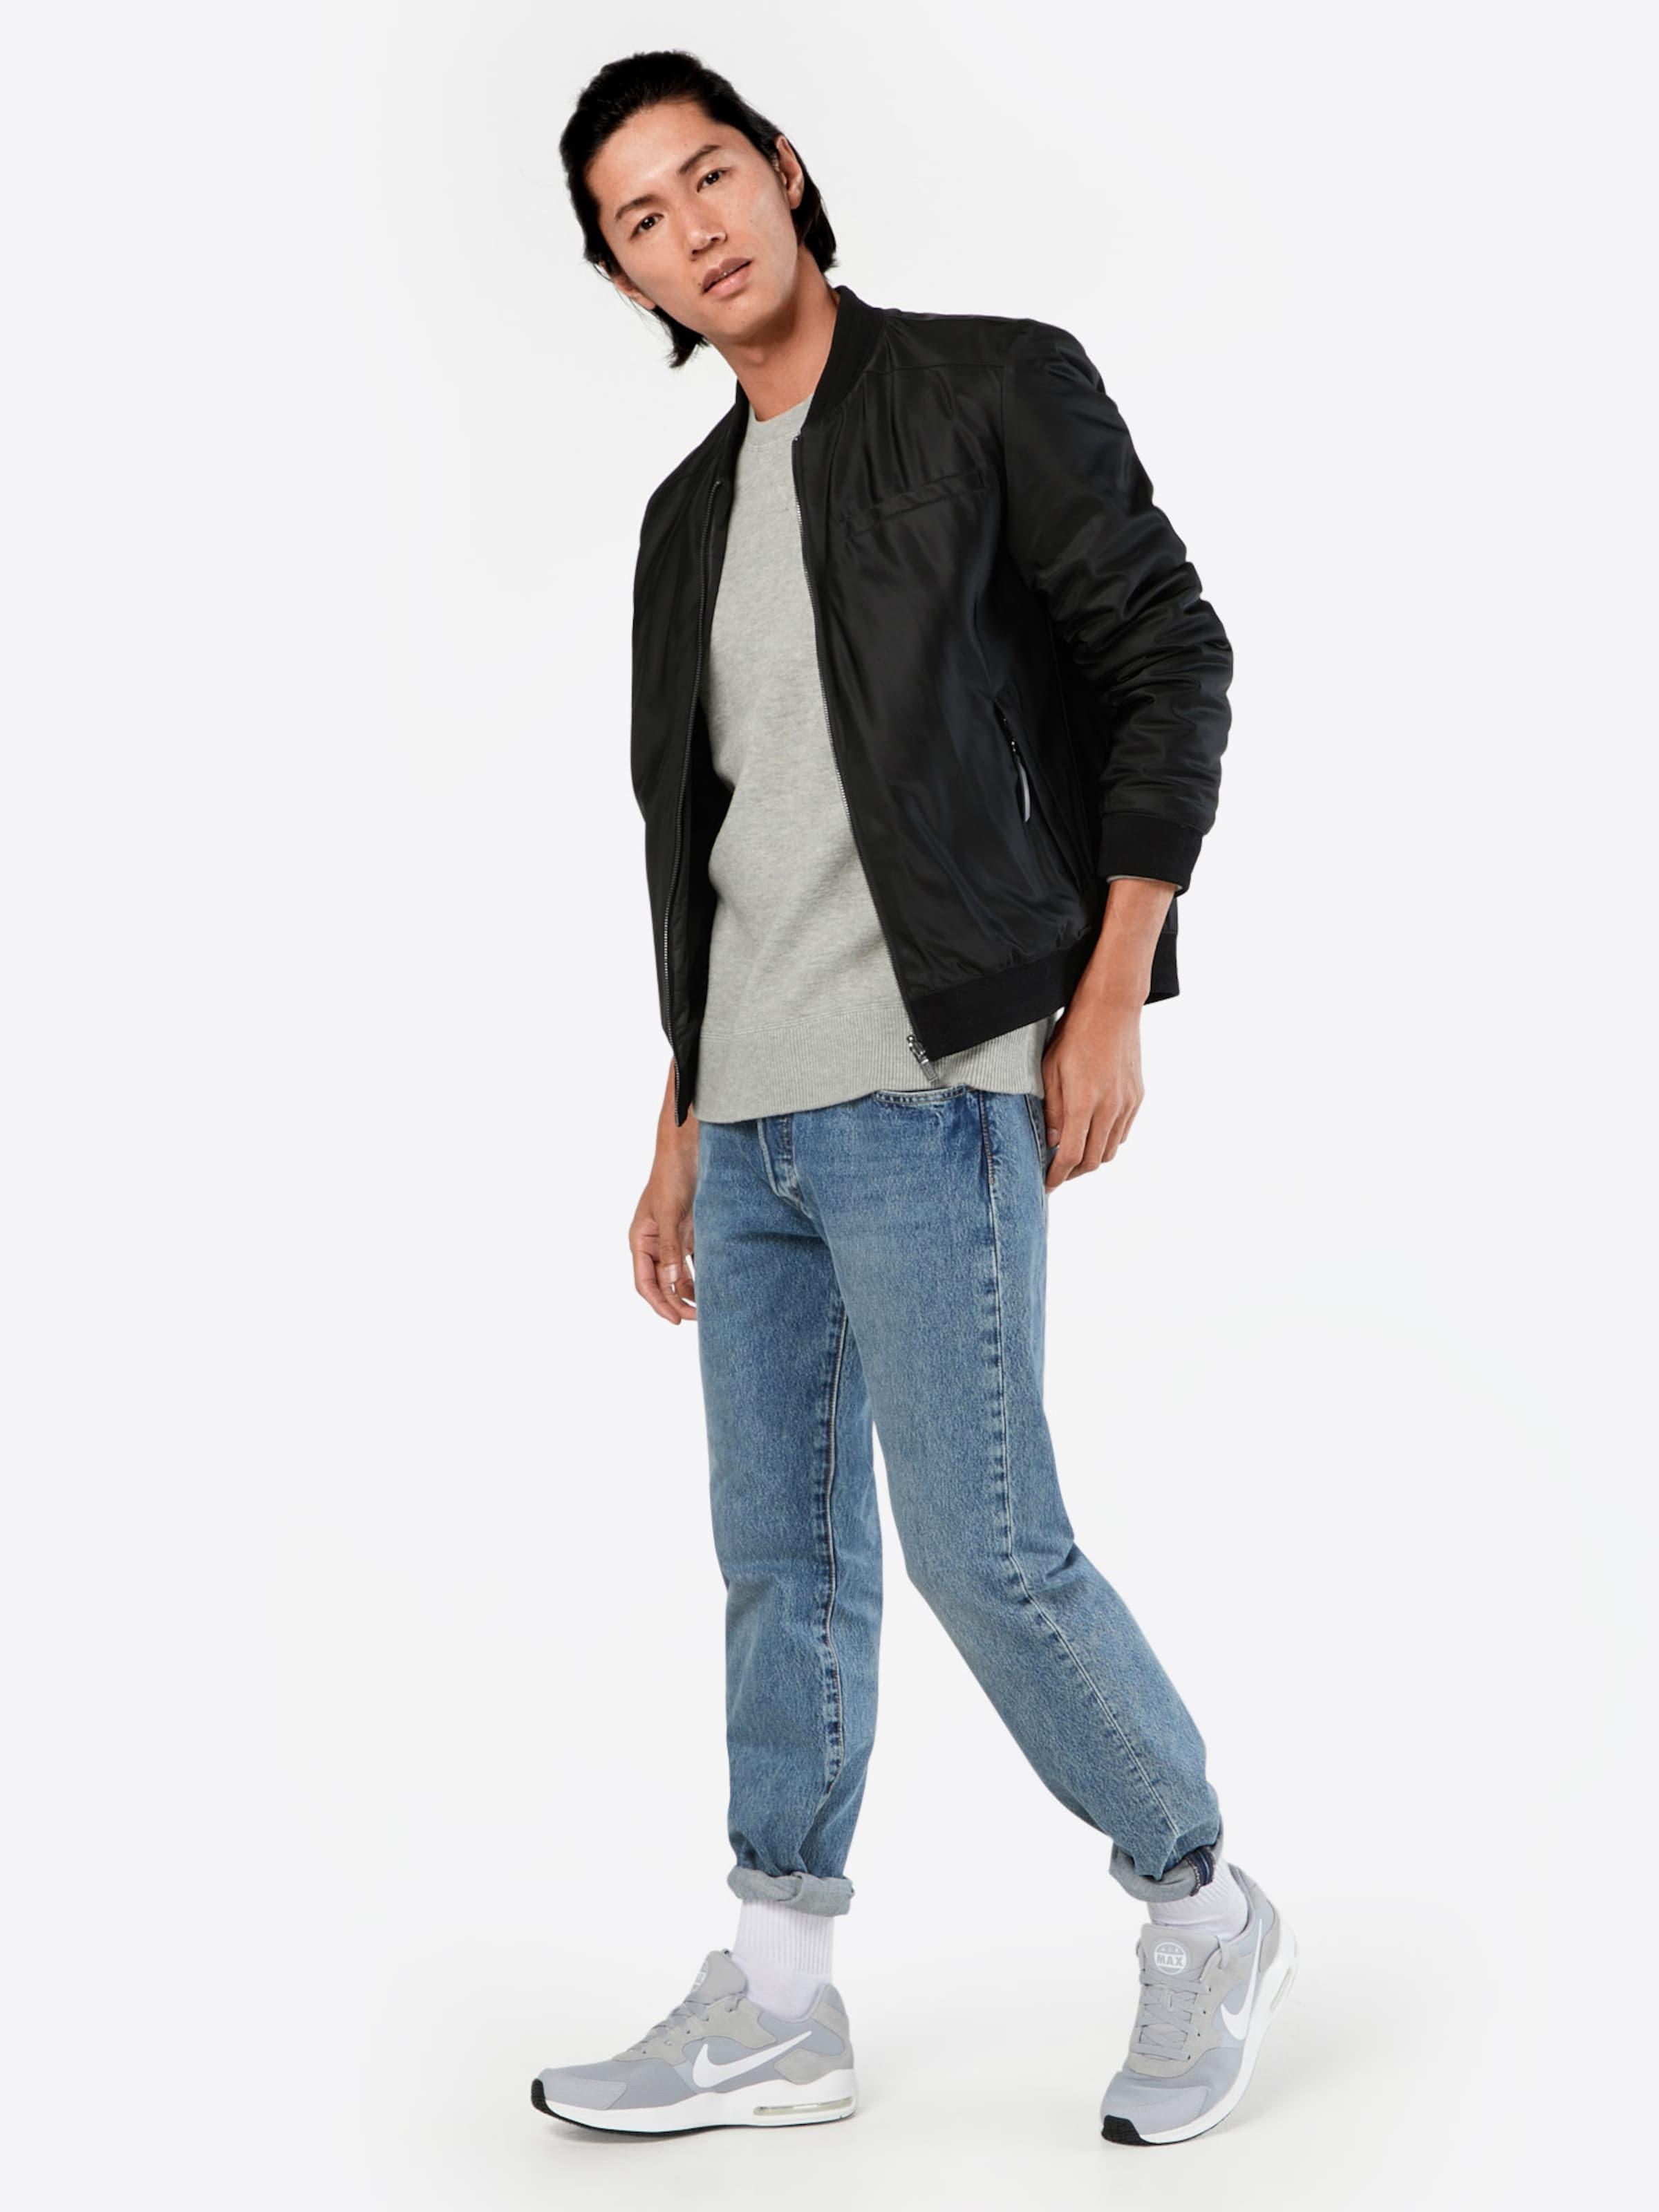 Carhartt WIP Sportliches Sweatshirt Billig 2018 Verkauf 100% Garantiert Rabatt Bestellen Marktfähig TAmxKUvh